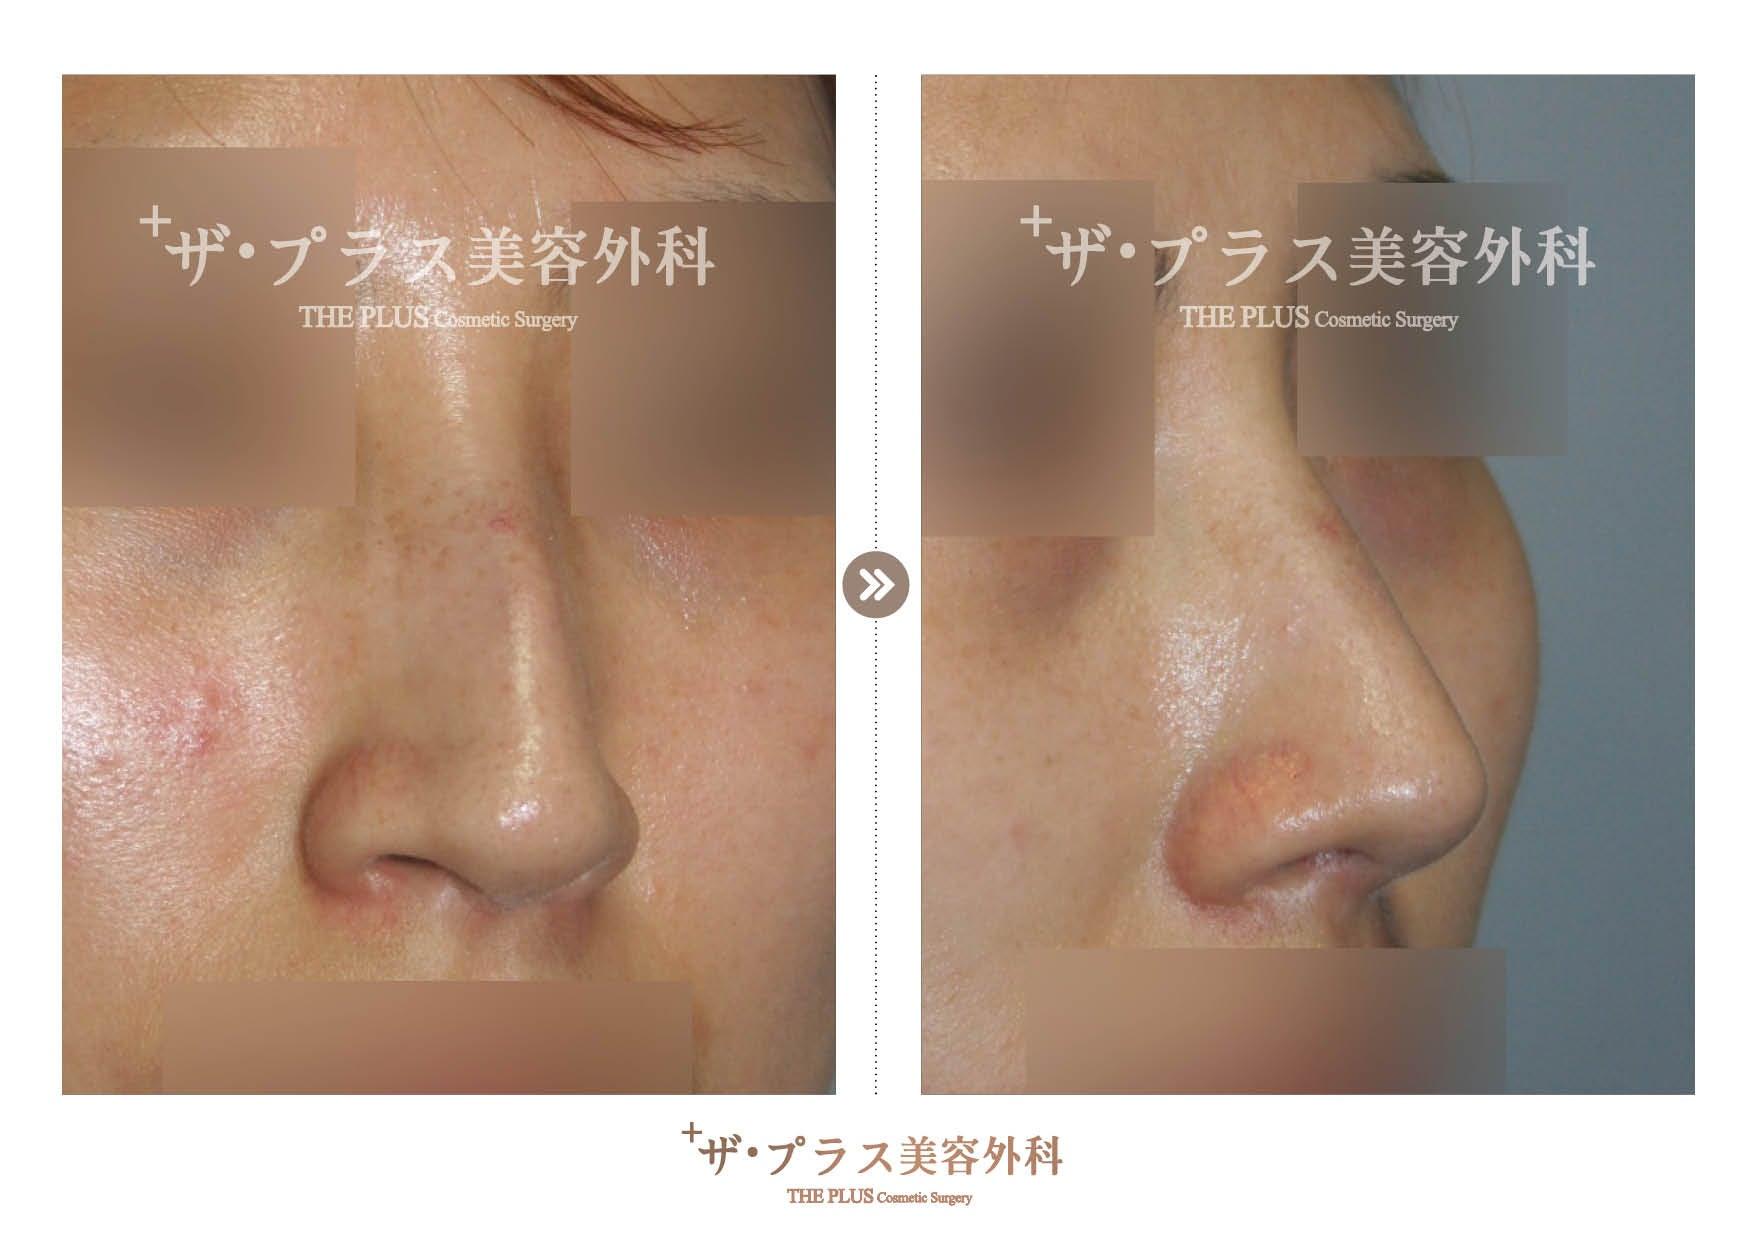 韓国鼻整形手術・韓国美容整形